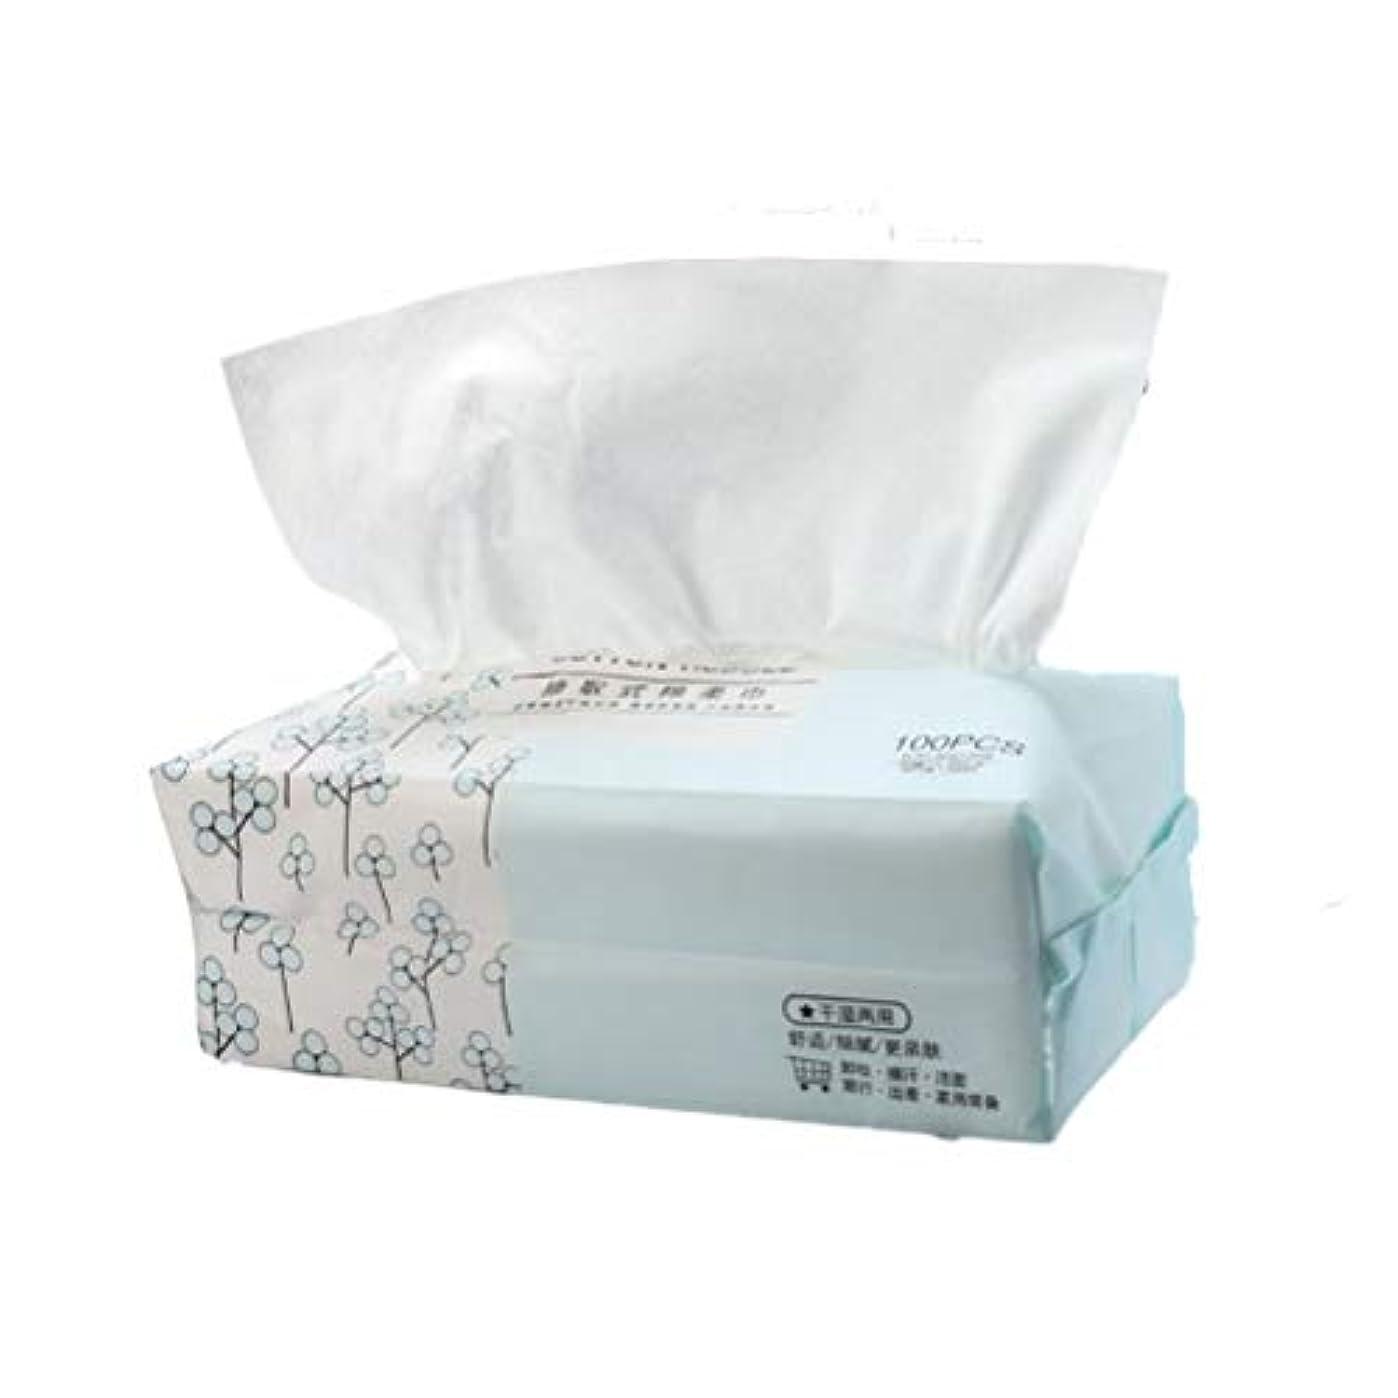 空気西謙虚なLurrose 化粧品の綿のパッドを洗うための100個の使い捨てタオルは、フェイスタオルを拭く拭き取りを構成します